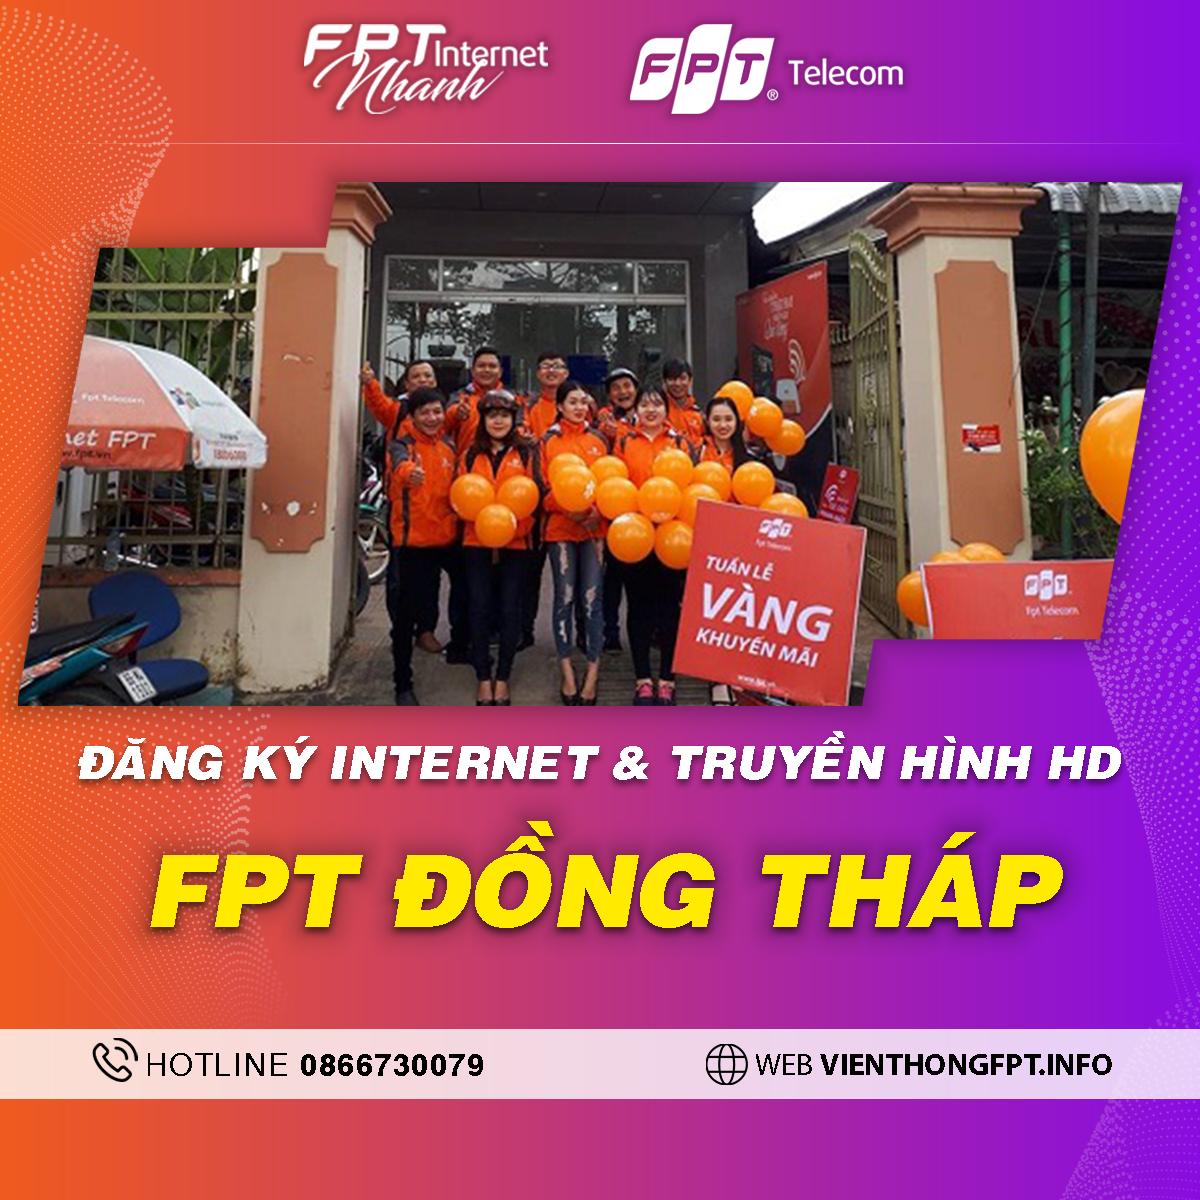 Chi nhánh FPT Đồng Tháp - Tổng đài lắp mạng Wifi + Truyền hình FPT